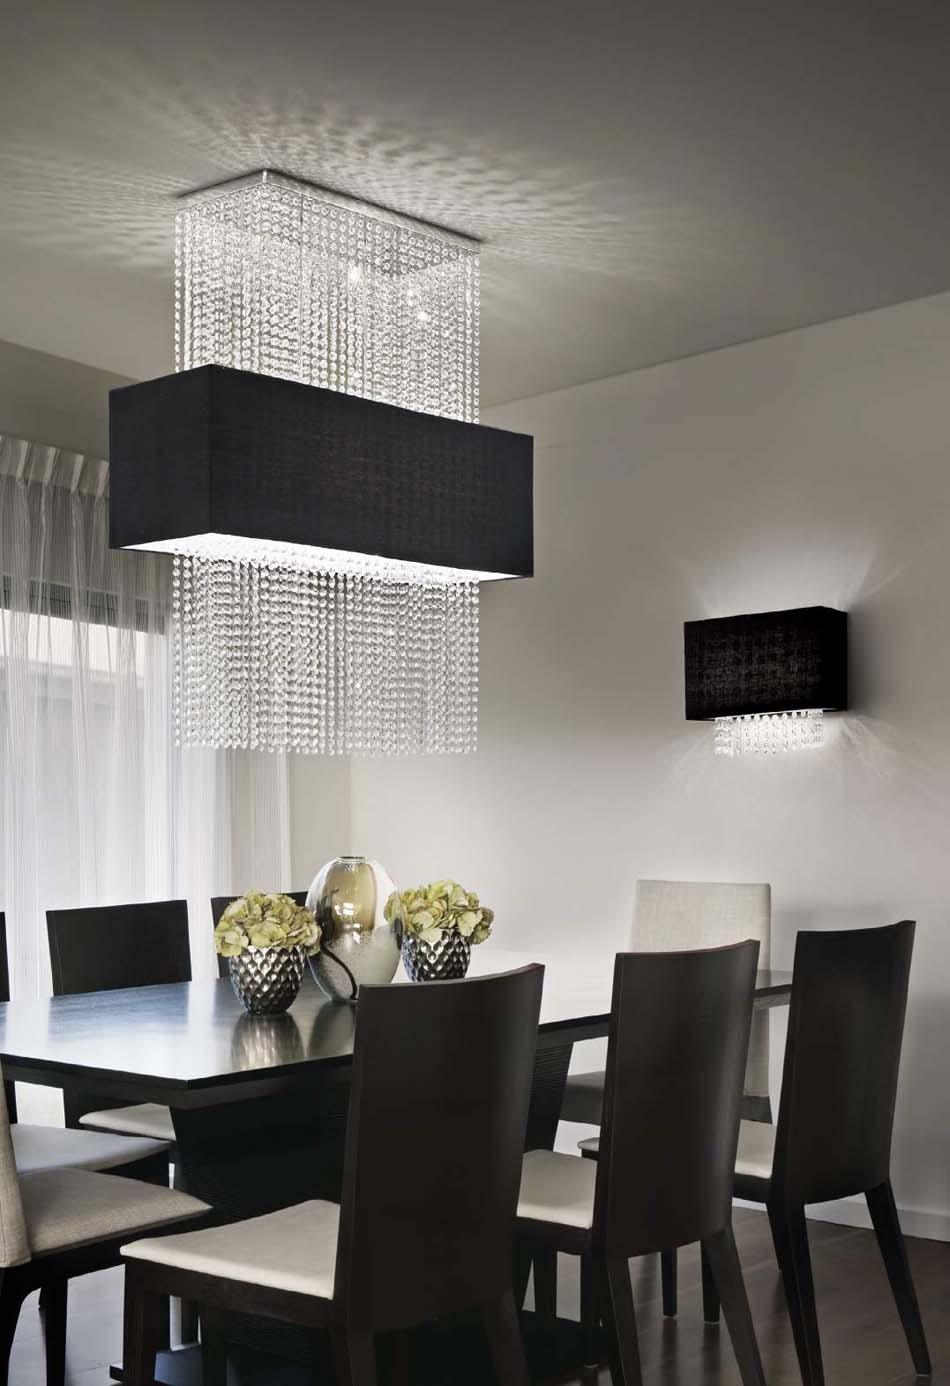 Lampade sospese Ideal Lux Phoenix – Toscana Arredamenti